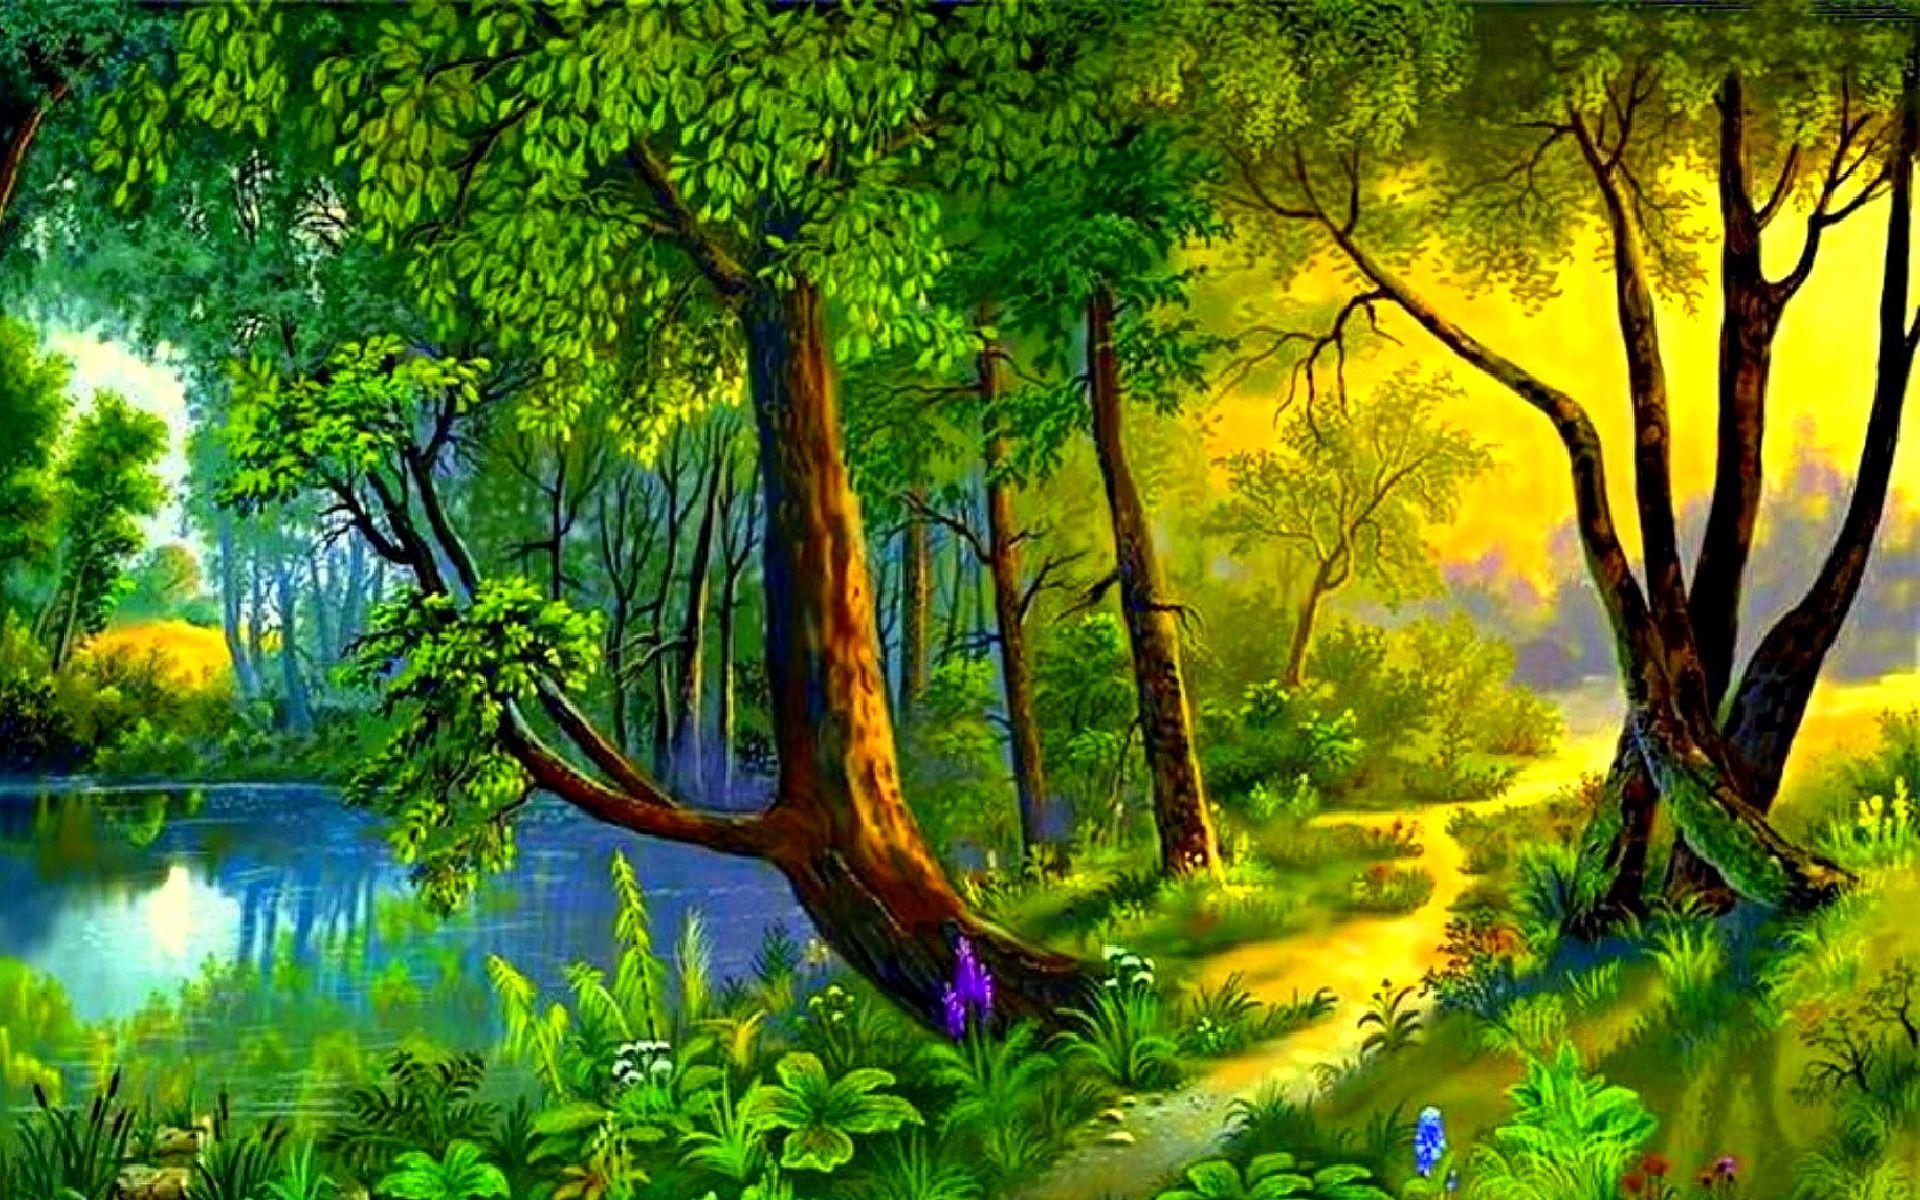 Картинка лес с рекой для детей